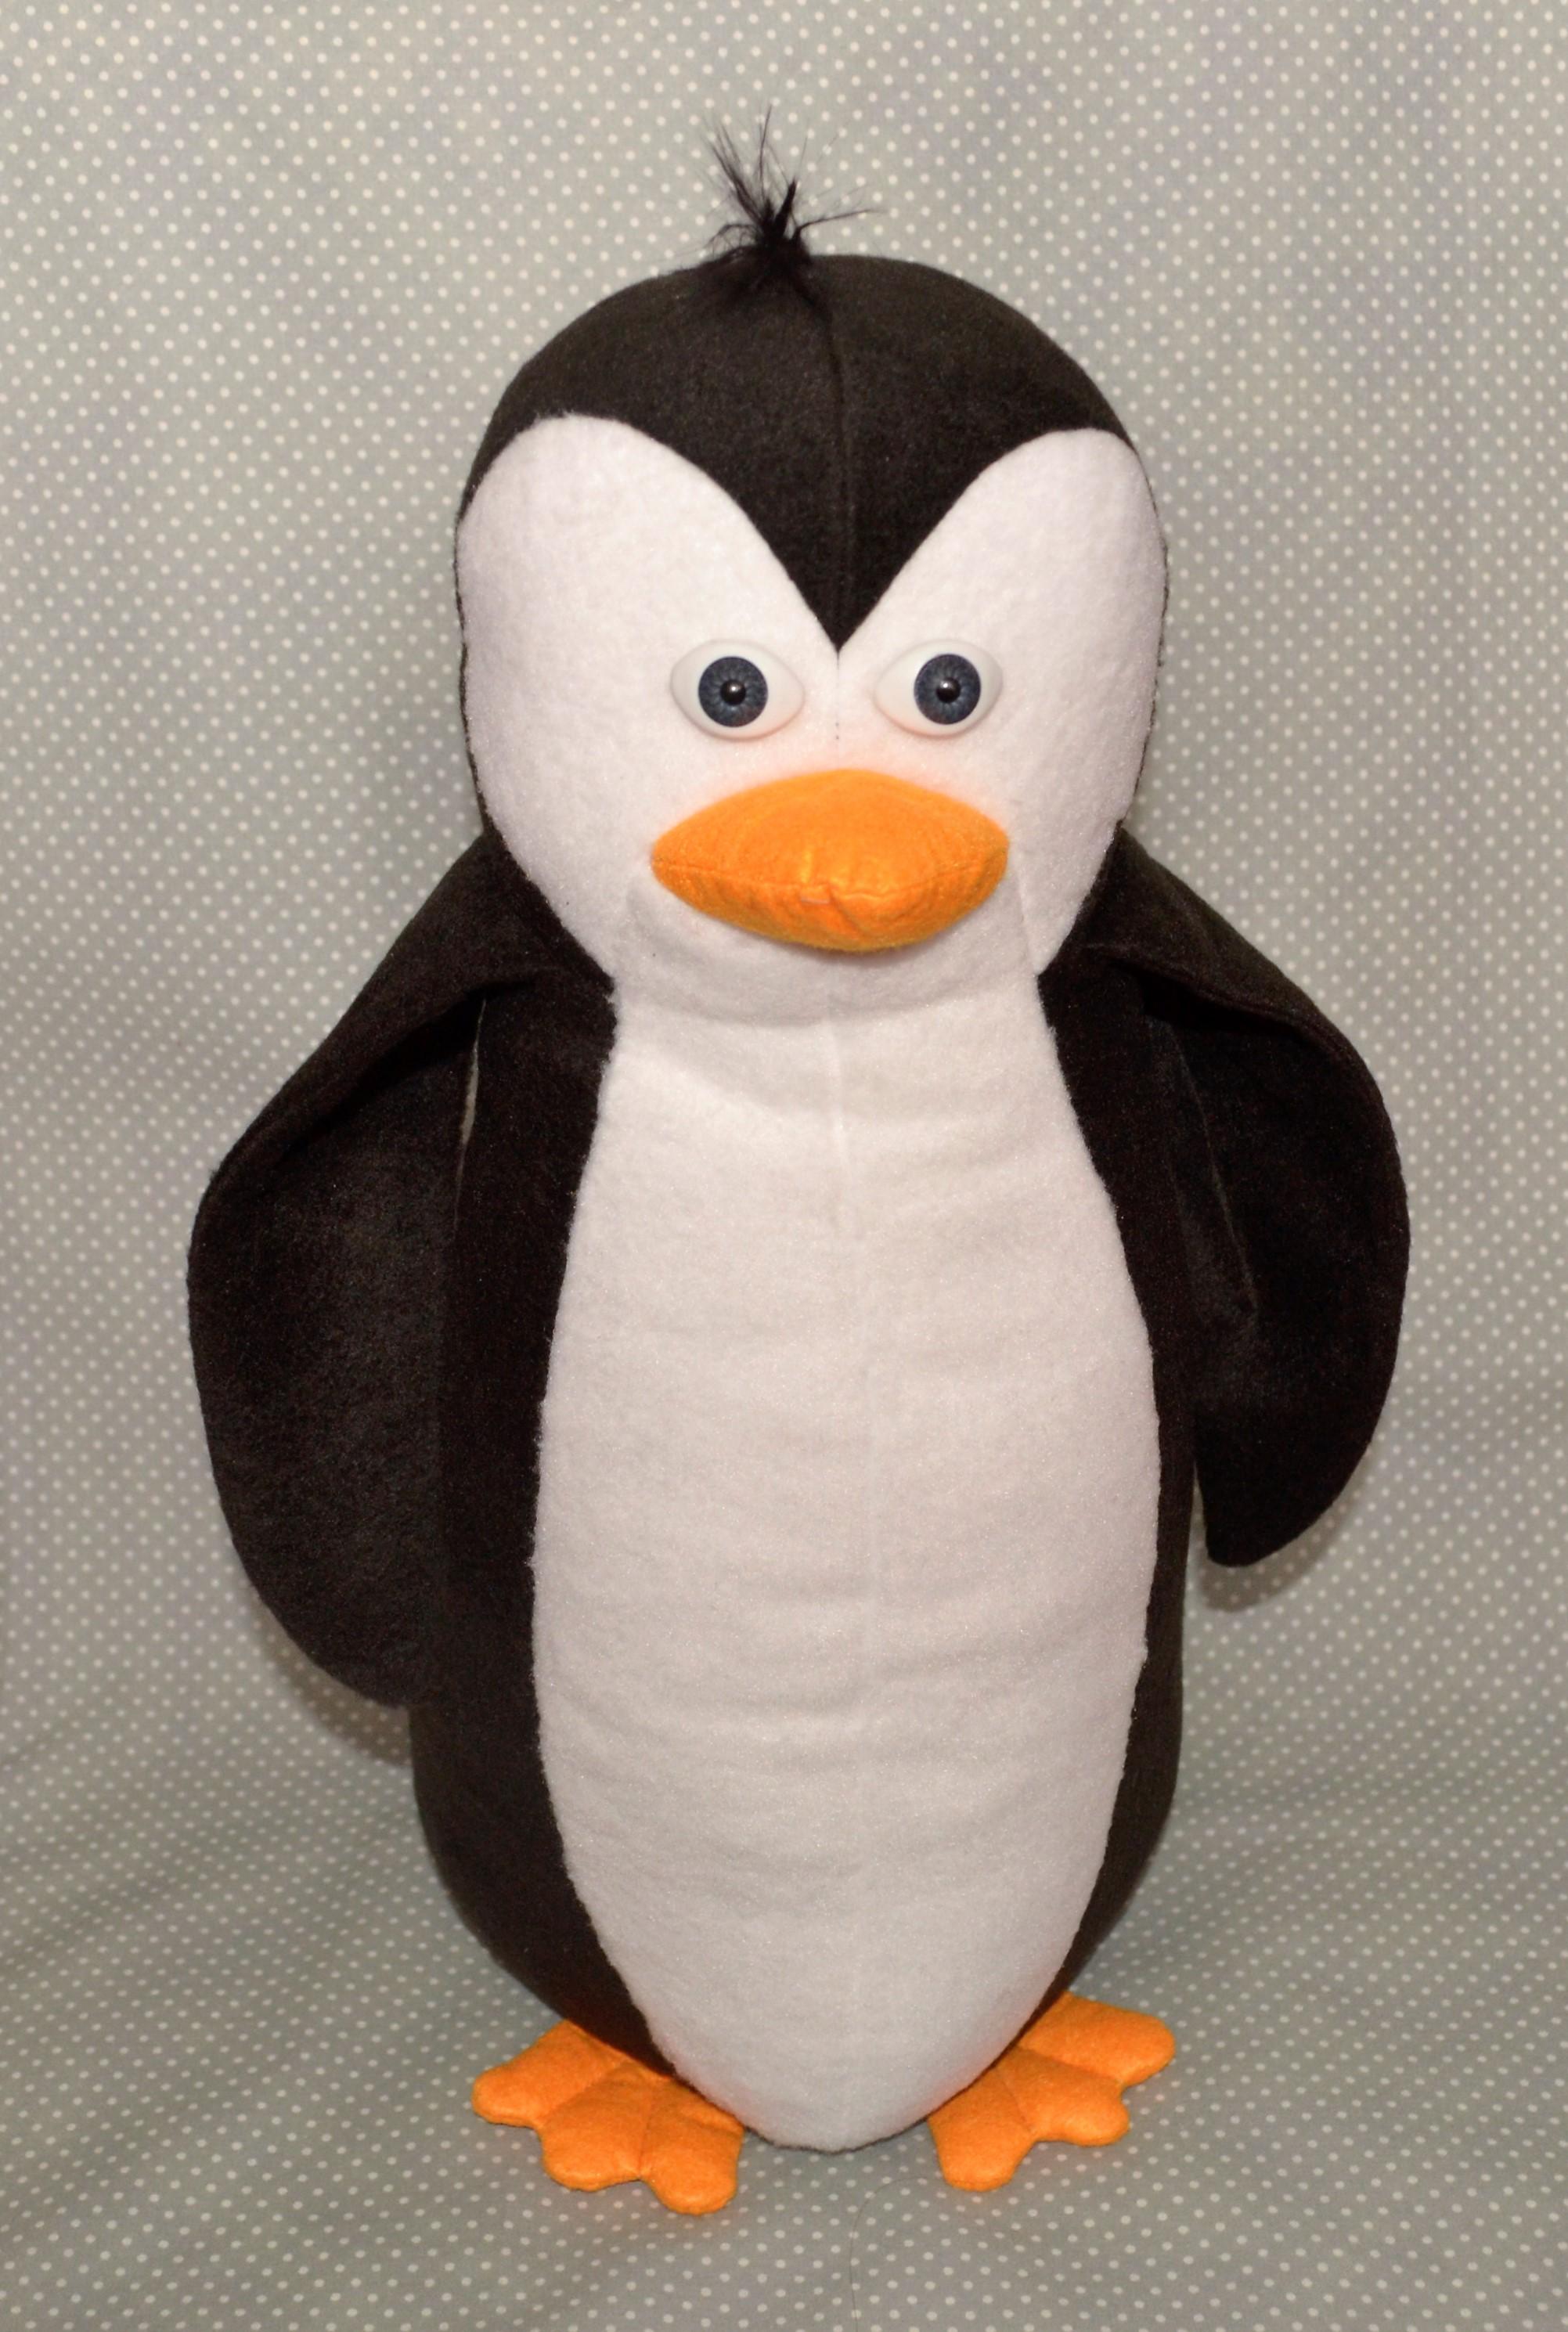 Фото Пошив мягкой игрушки пингвин.